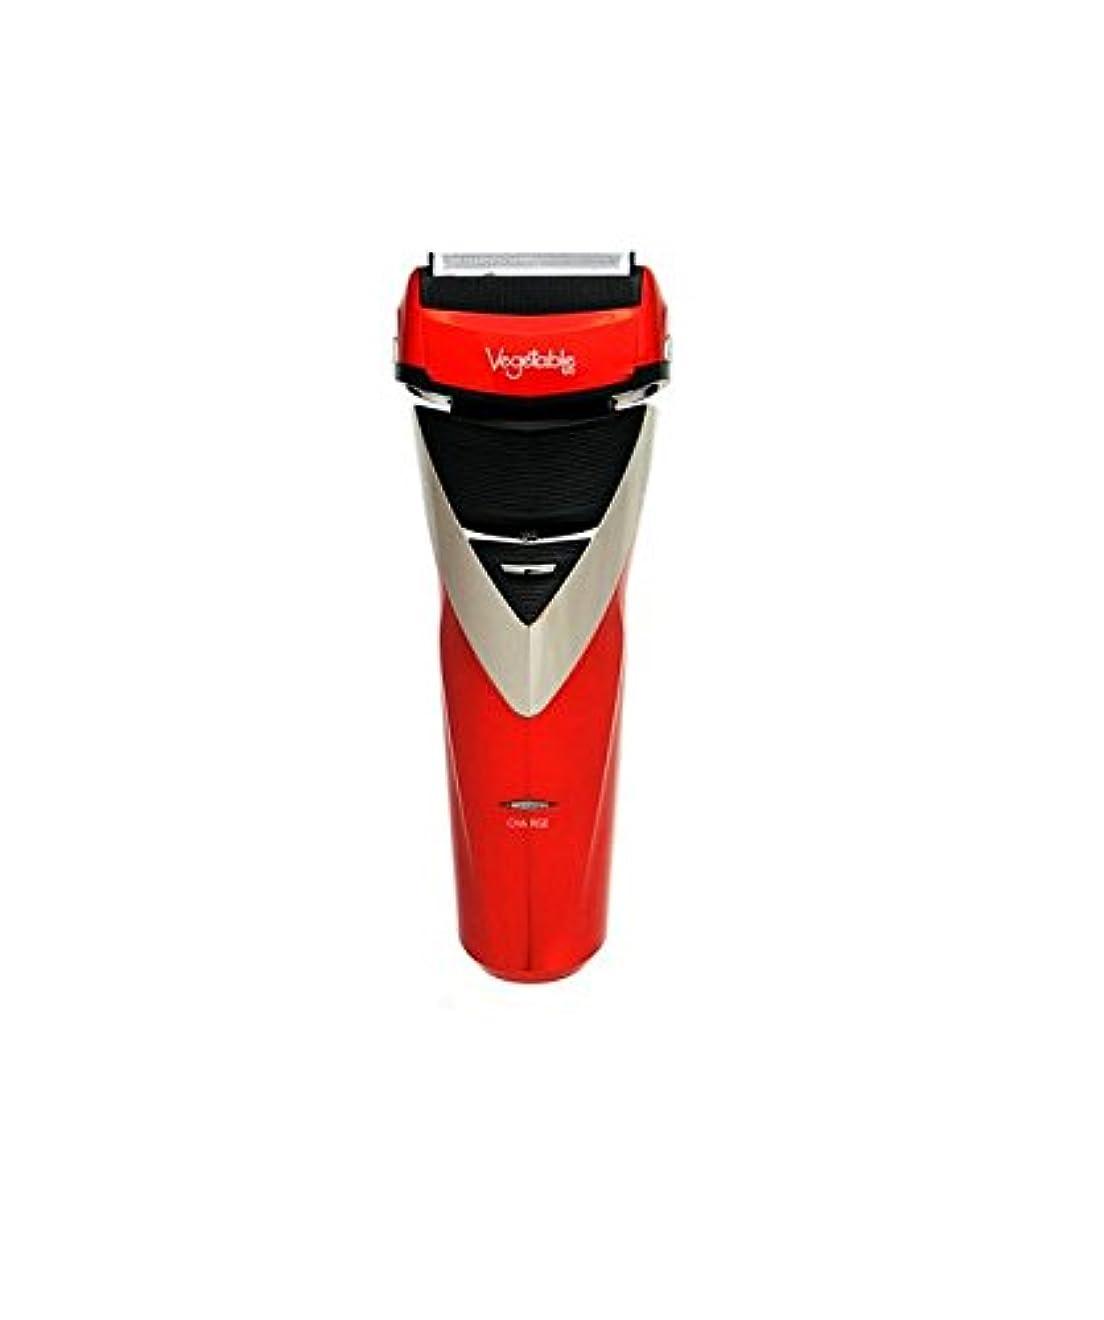 レザー郵便屋さん色GD商事 充電式水洗い2枚刃シェーバー GD-ST205R レッド